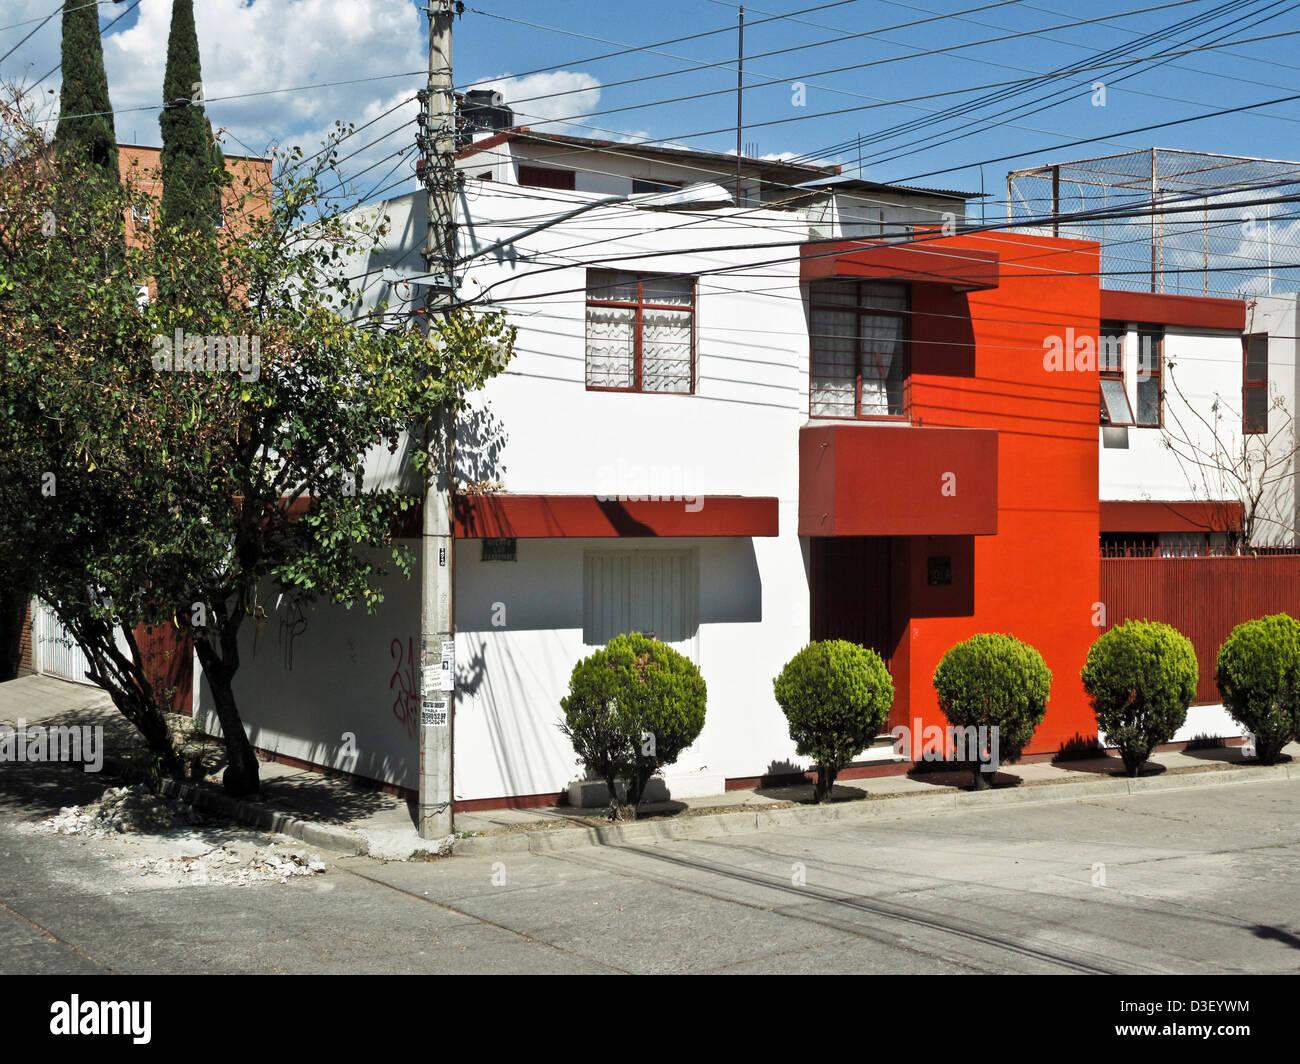 Sorprendente cubo dipinte di bianco intonaco esterno della casa moderna con particolari rossi muri in zona residenziale Immagini Stock